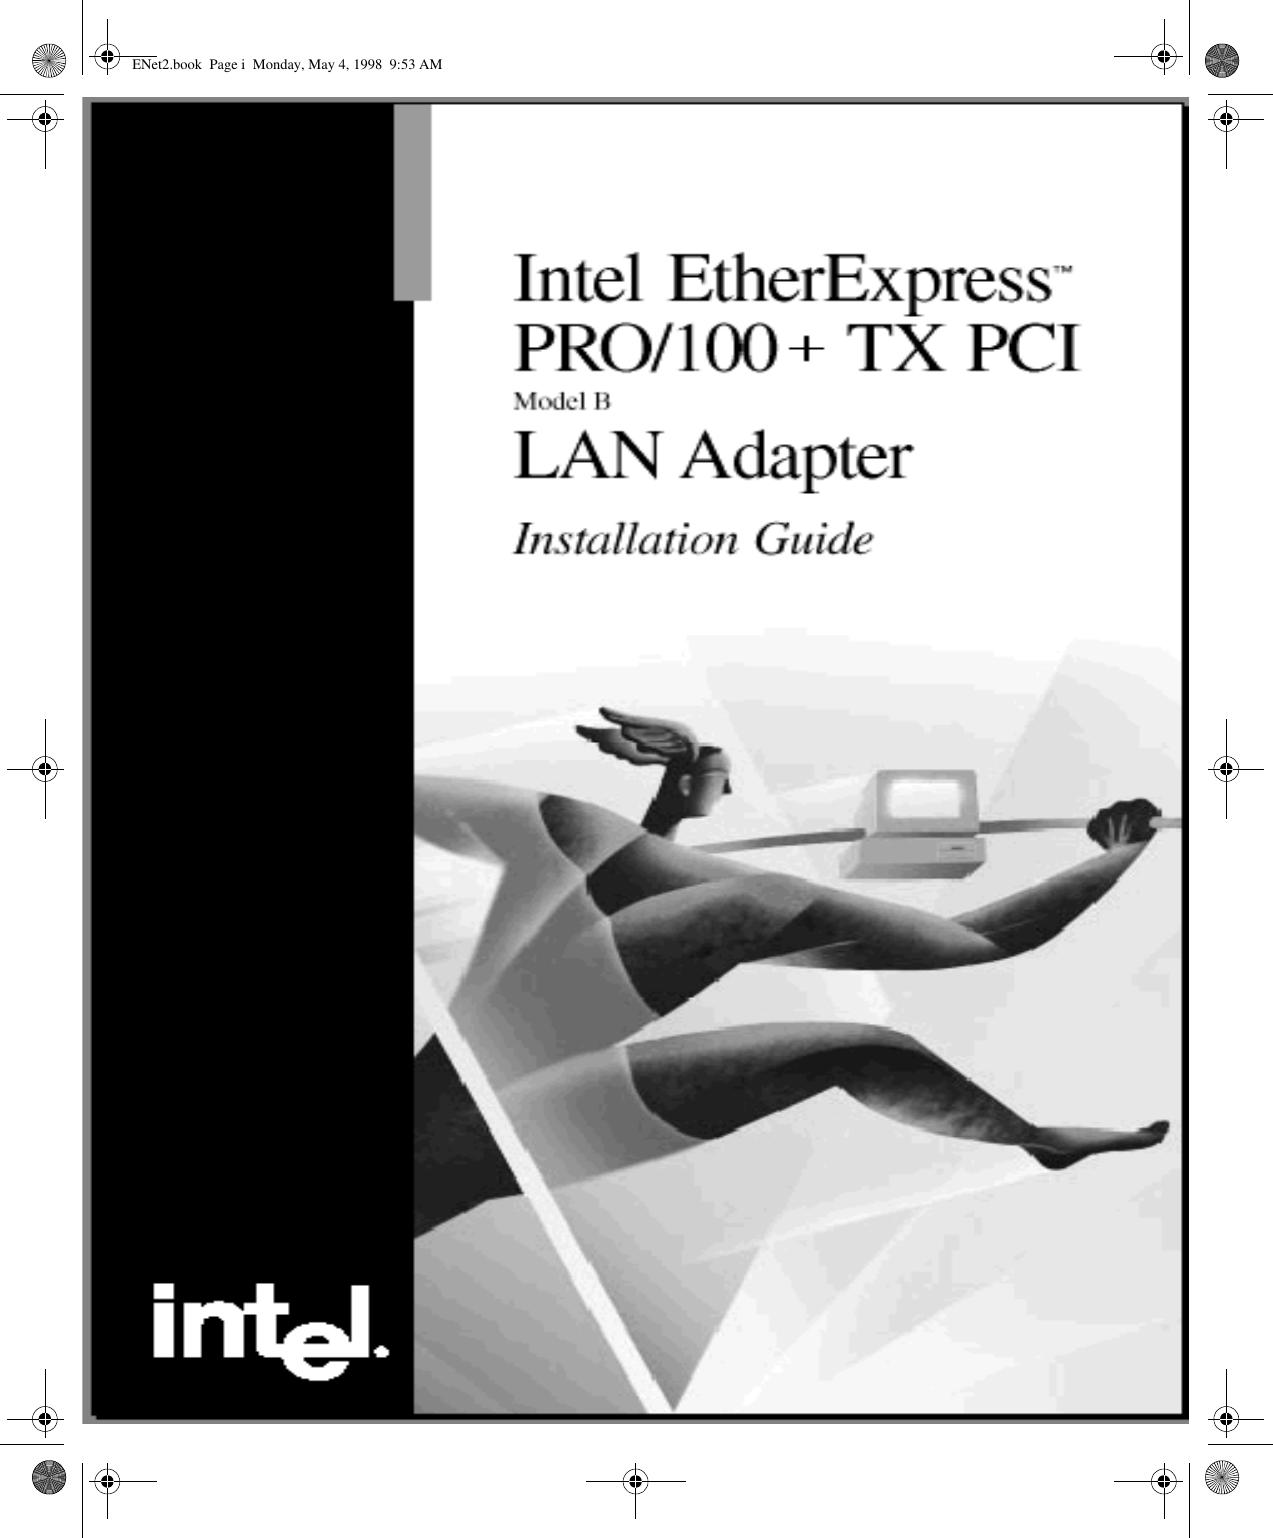 INTEL ETHEREXPRESS PRO100 B TREIBER HERUNTERLADEN